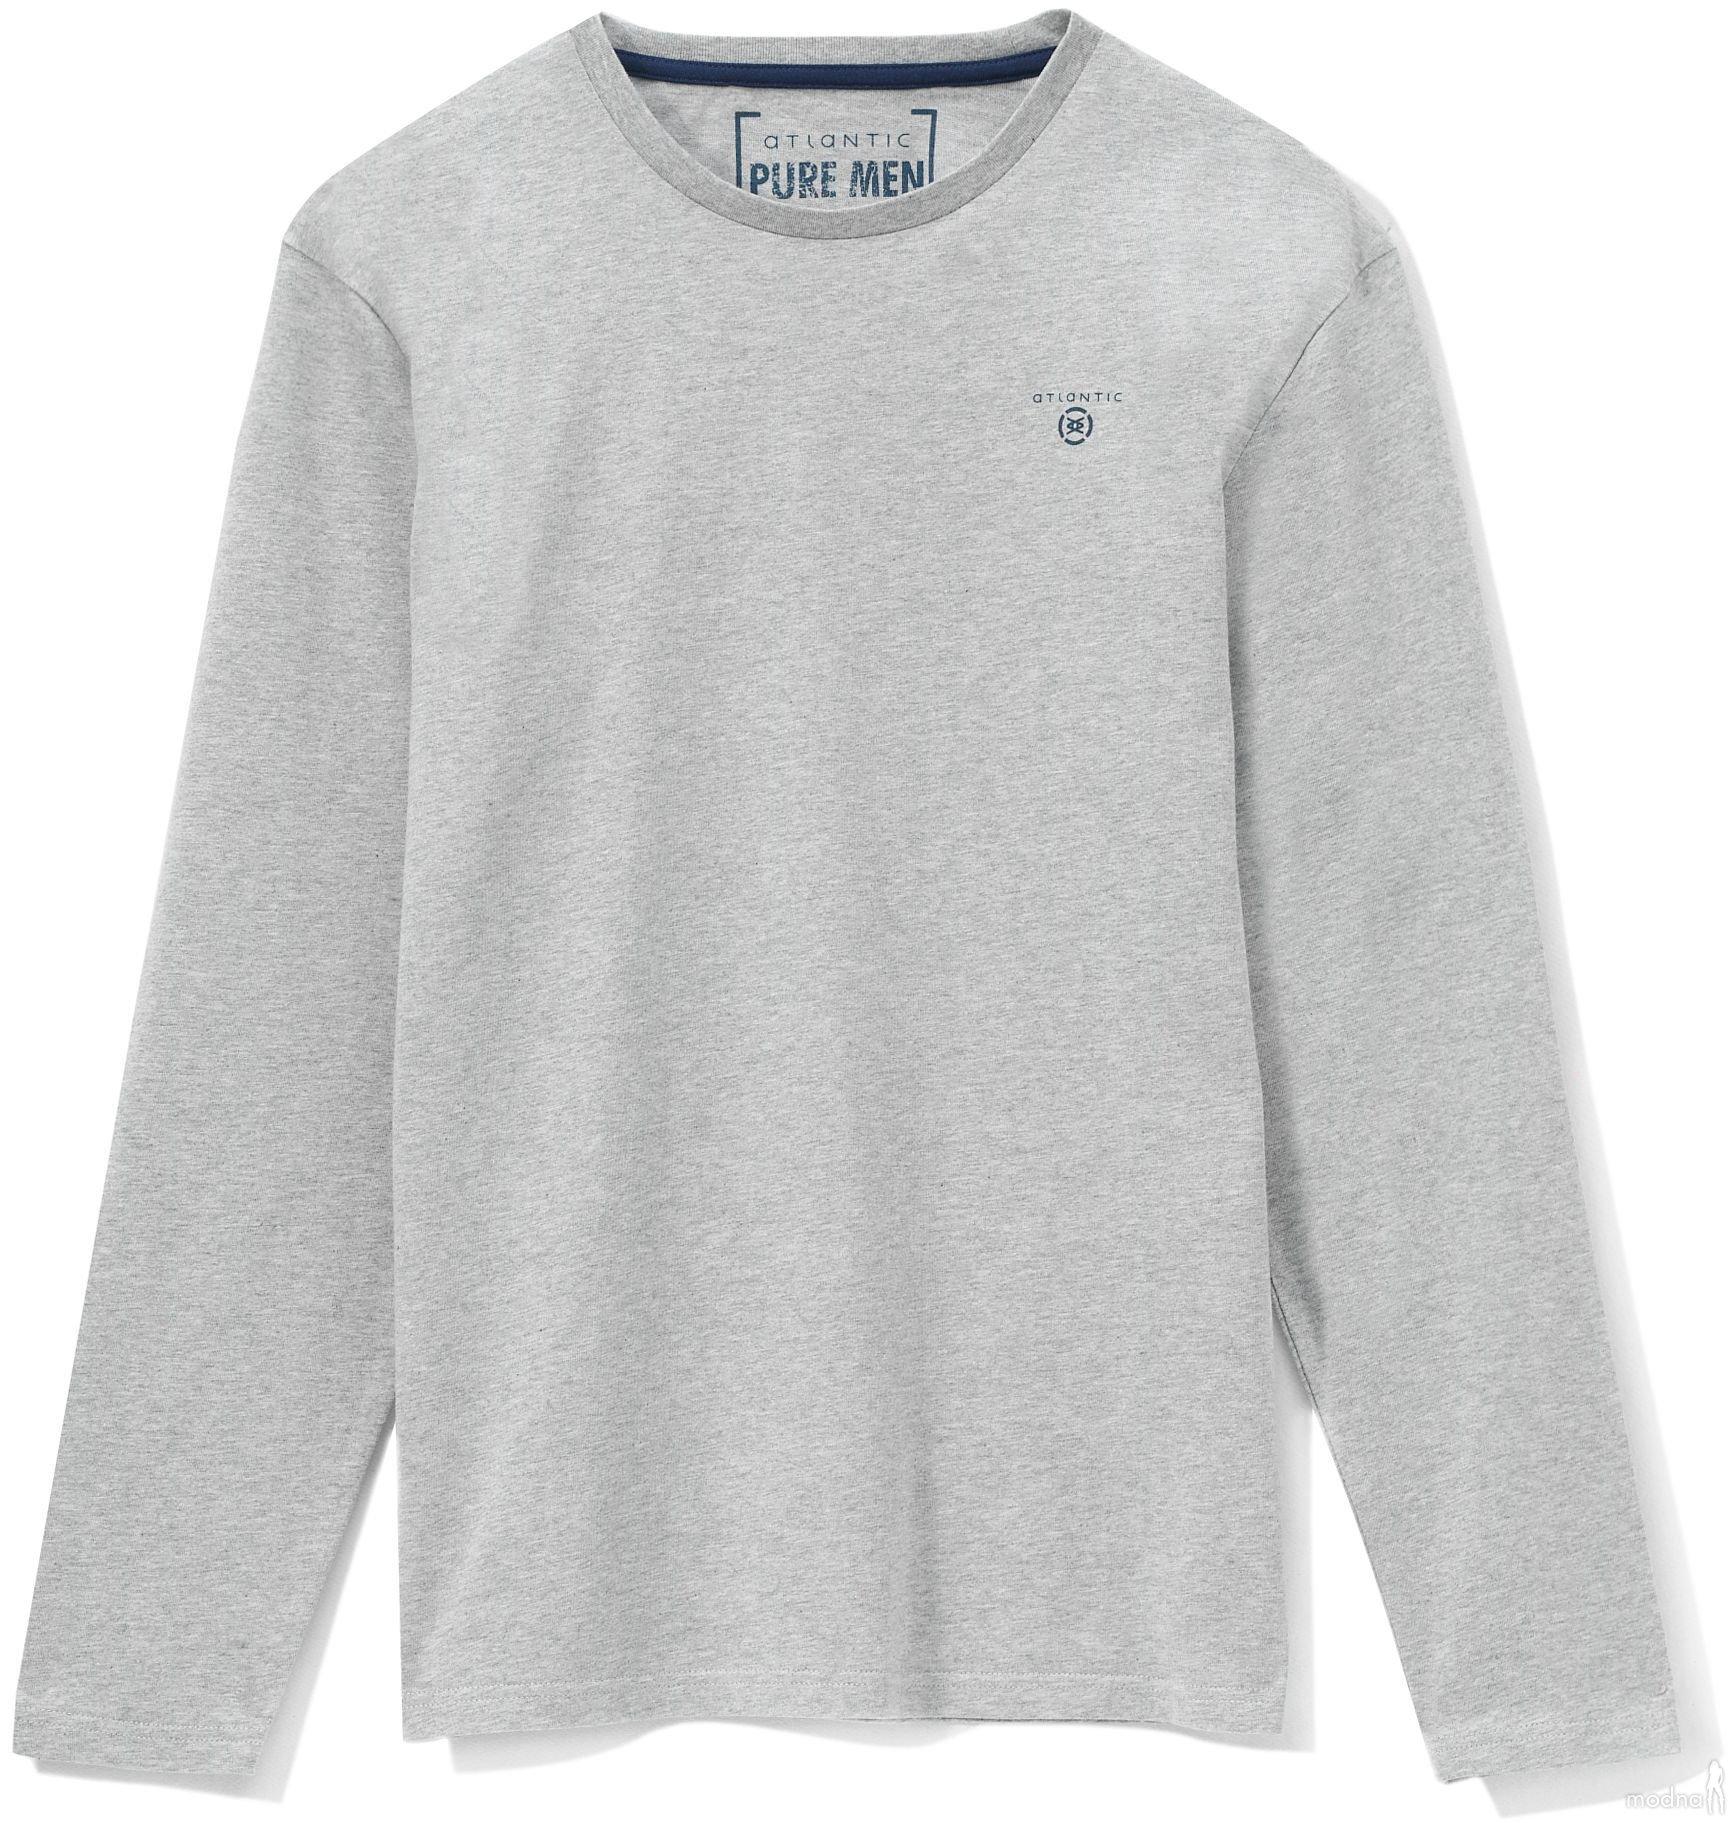 Чолові піжамна футболка NMB-015 - Товари - Чоловіча та жіноча нижня ... 3dab364365d0b